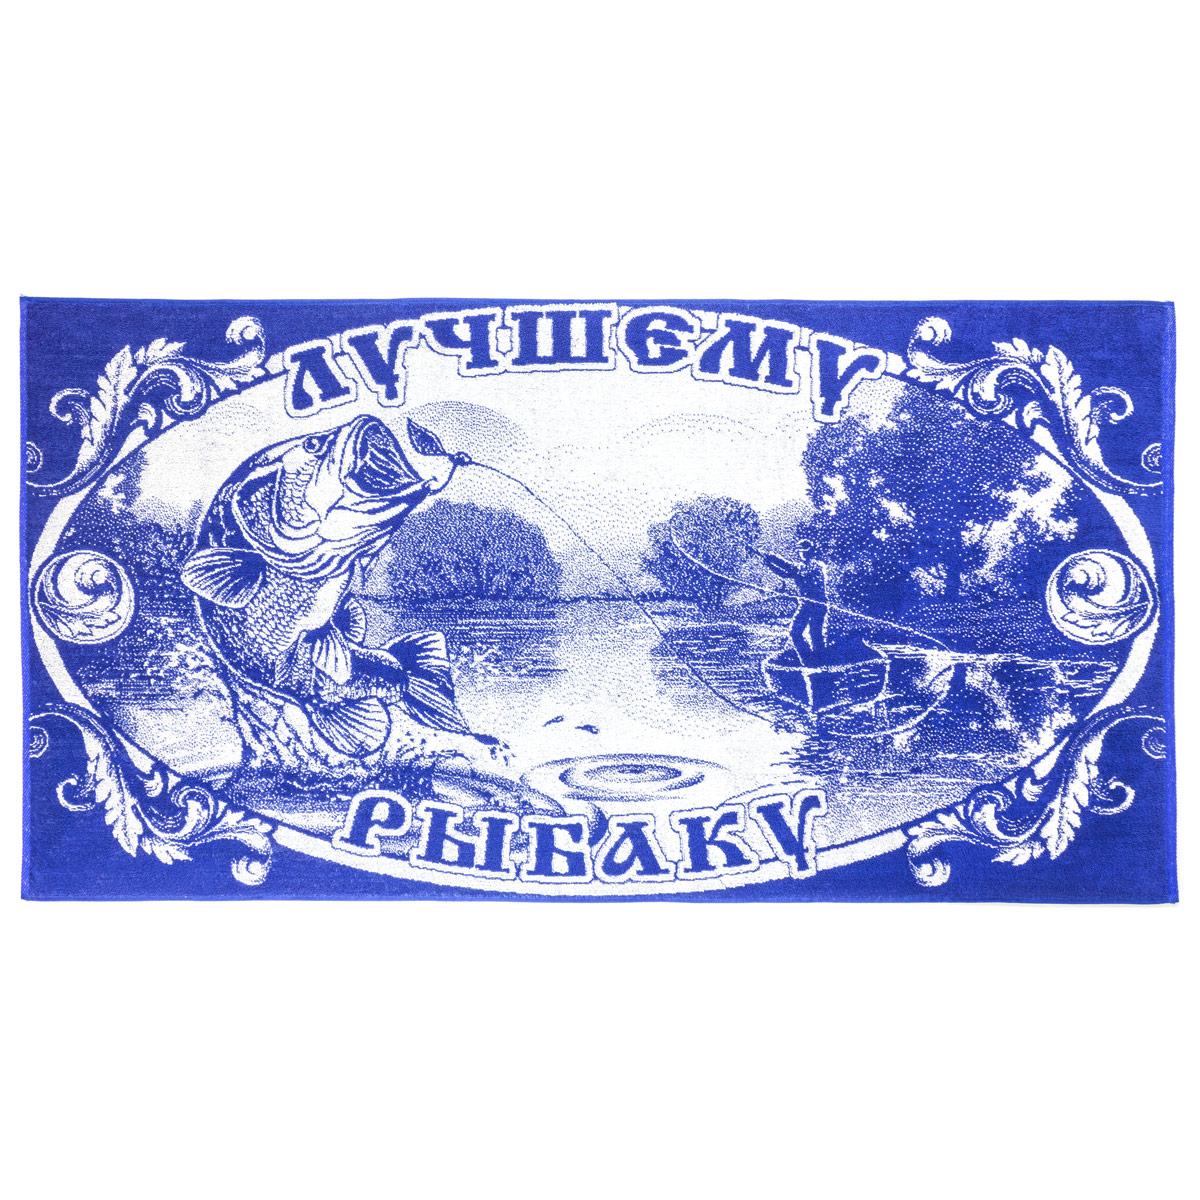 Полотенце Лучшему рыбаку Синий р. 70х140Махровые полотенца<br>Плотность ткани:420 г/кв. М<br><br>Тип: Полотенце<br>Размер: 70х140<br>Материал: Махра